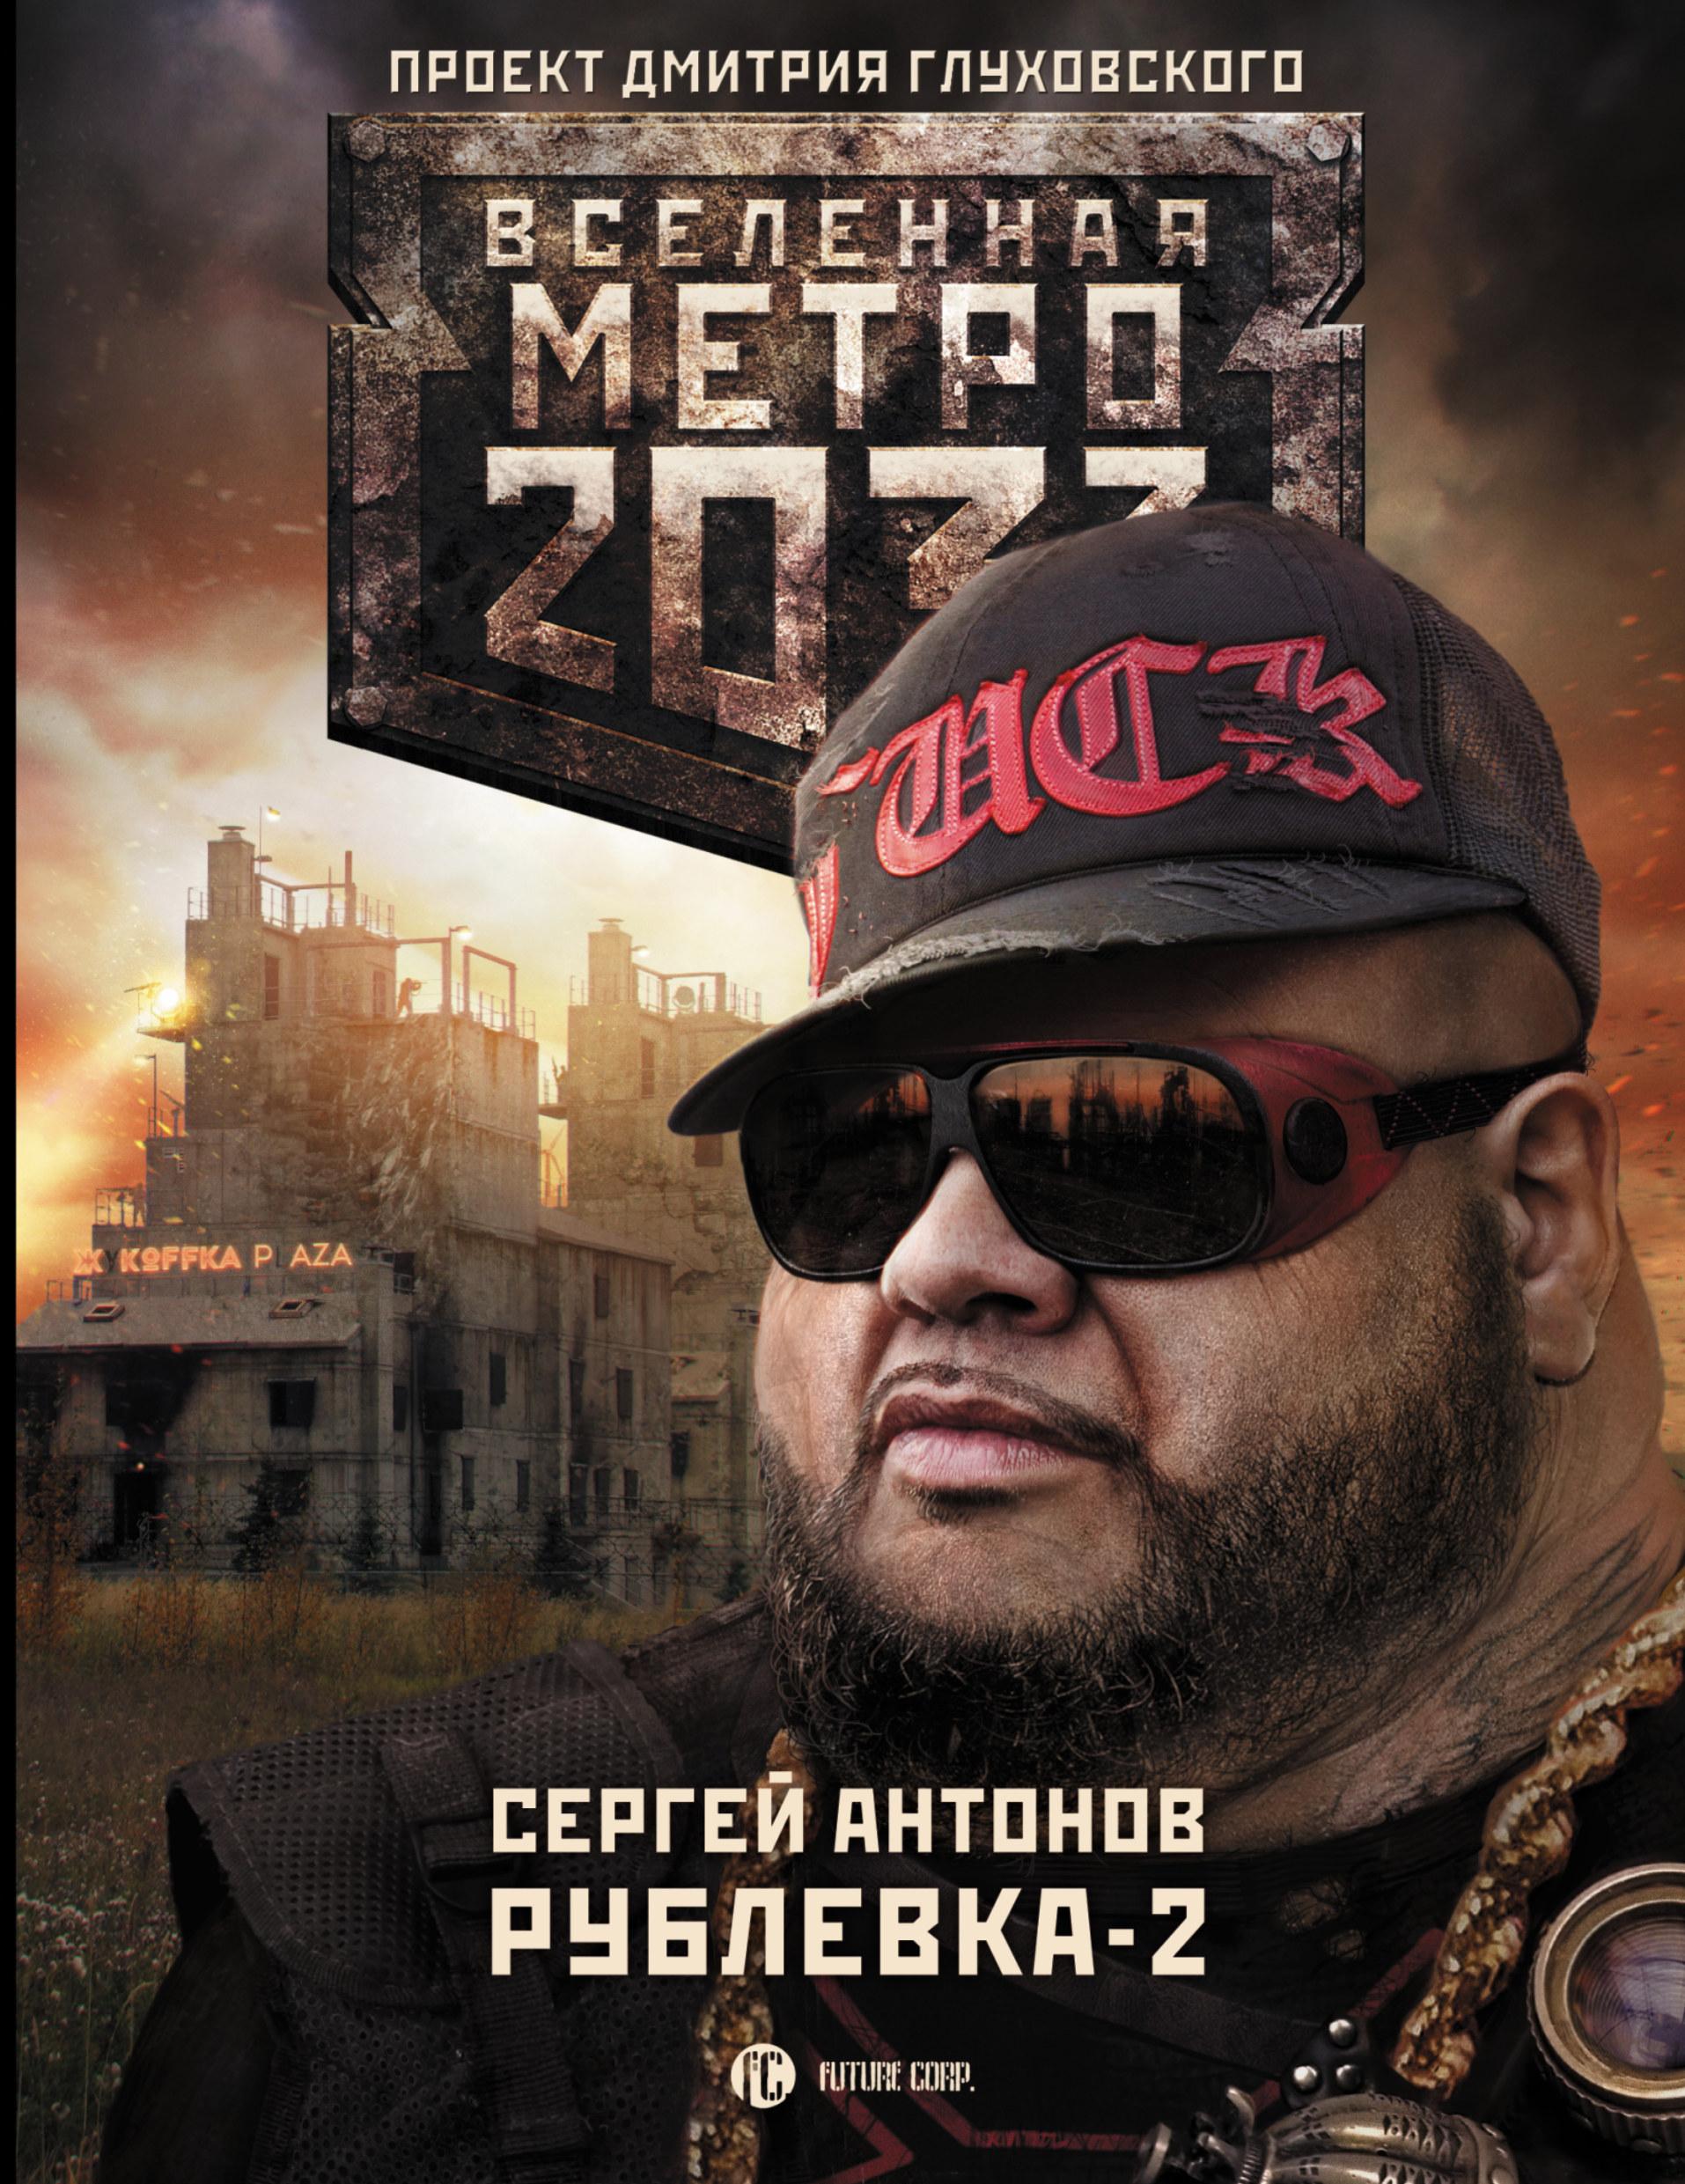 Антонов С.В. Метро 2033: Рублевка-2. Остров Блаженных метро 2033 новая опасность комплект из 3 х книг